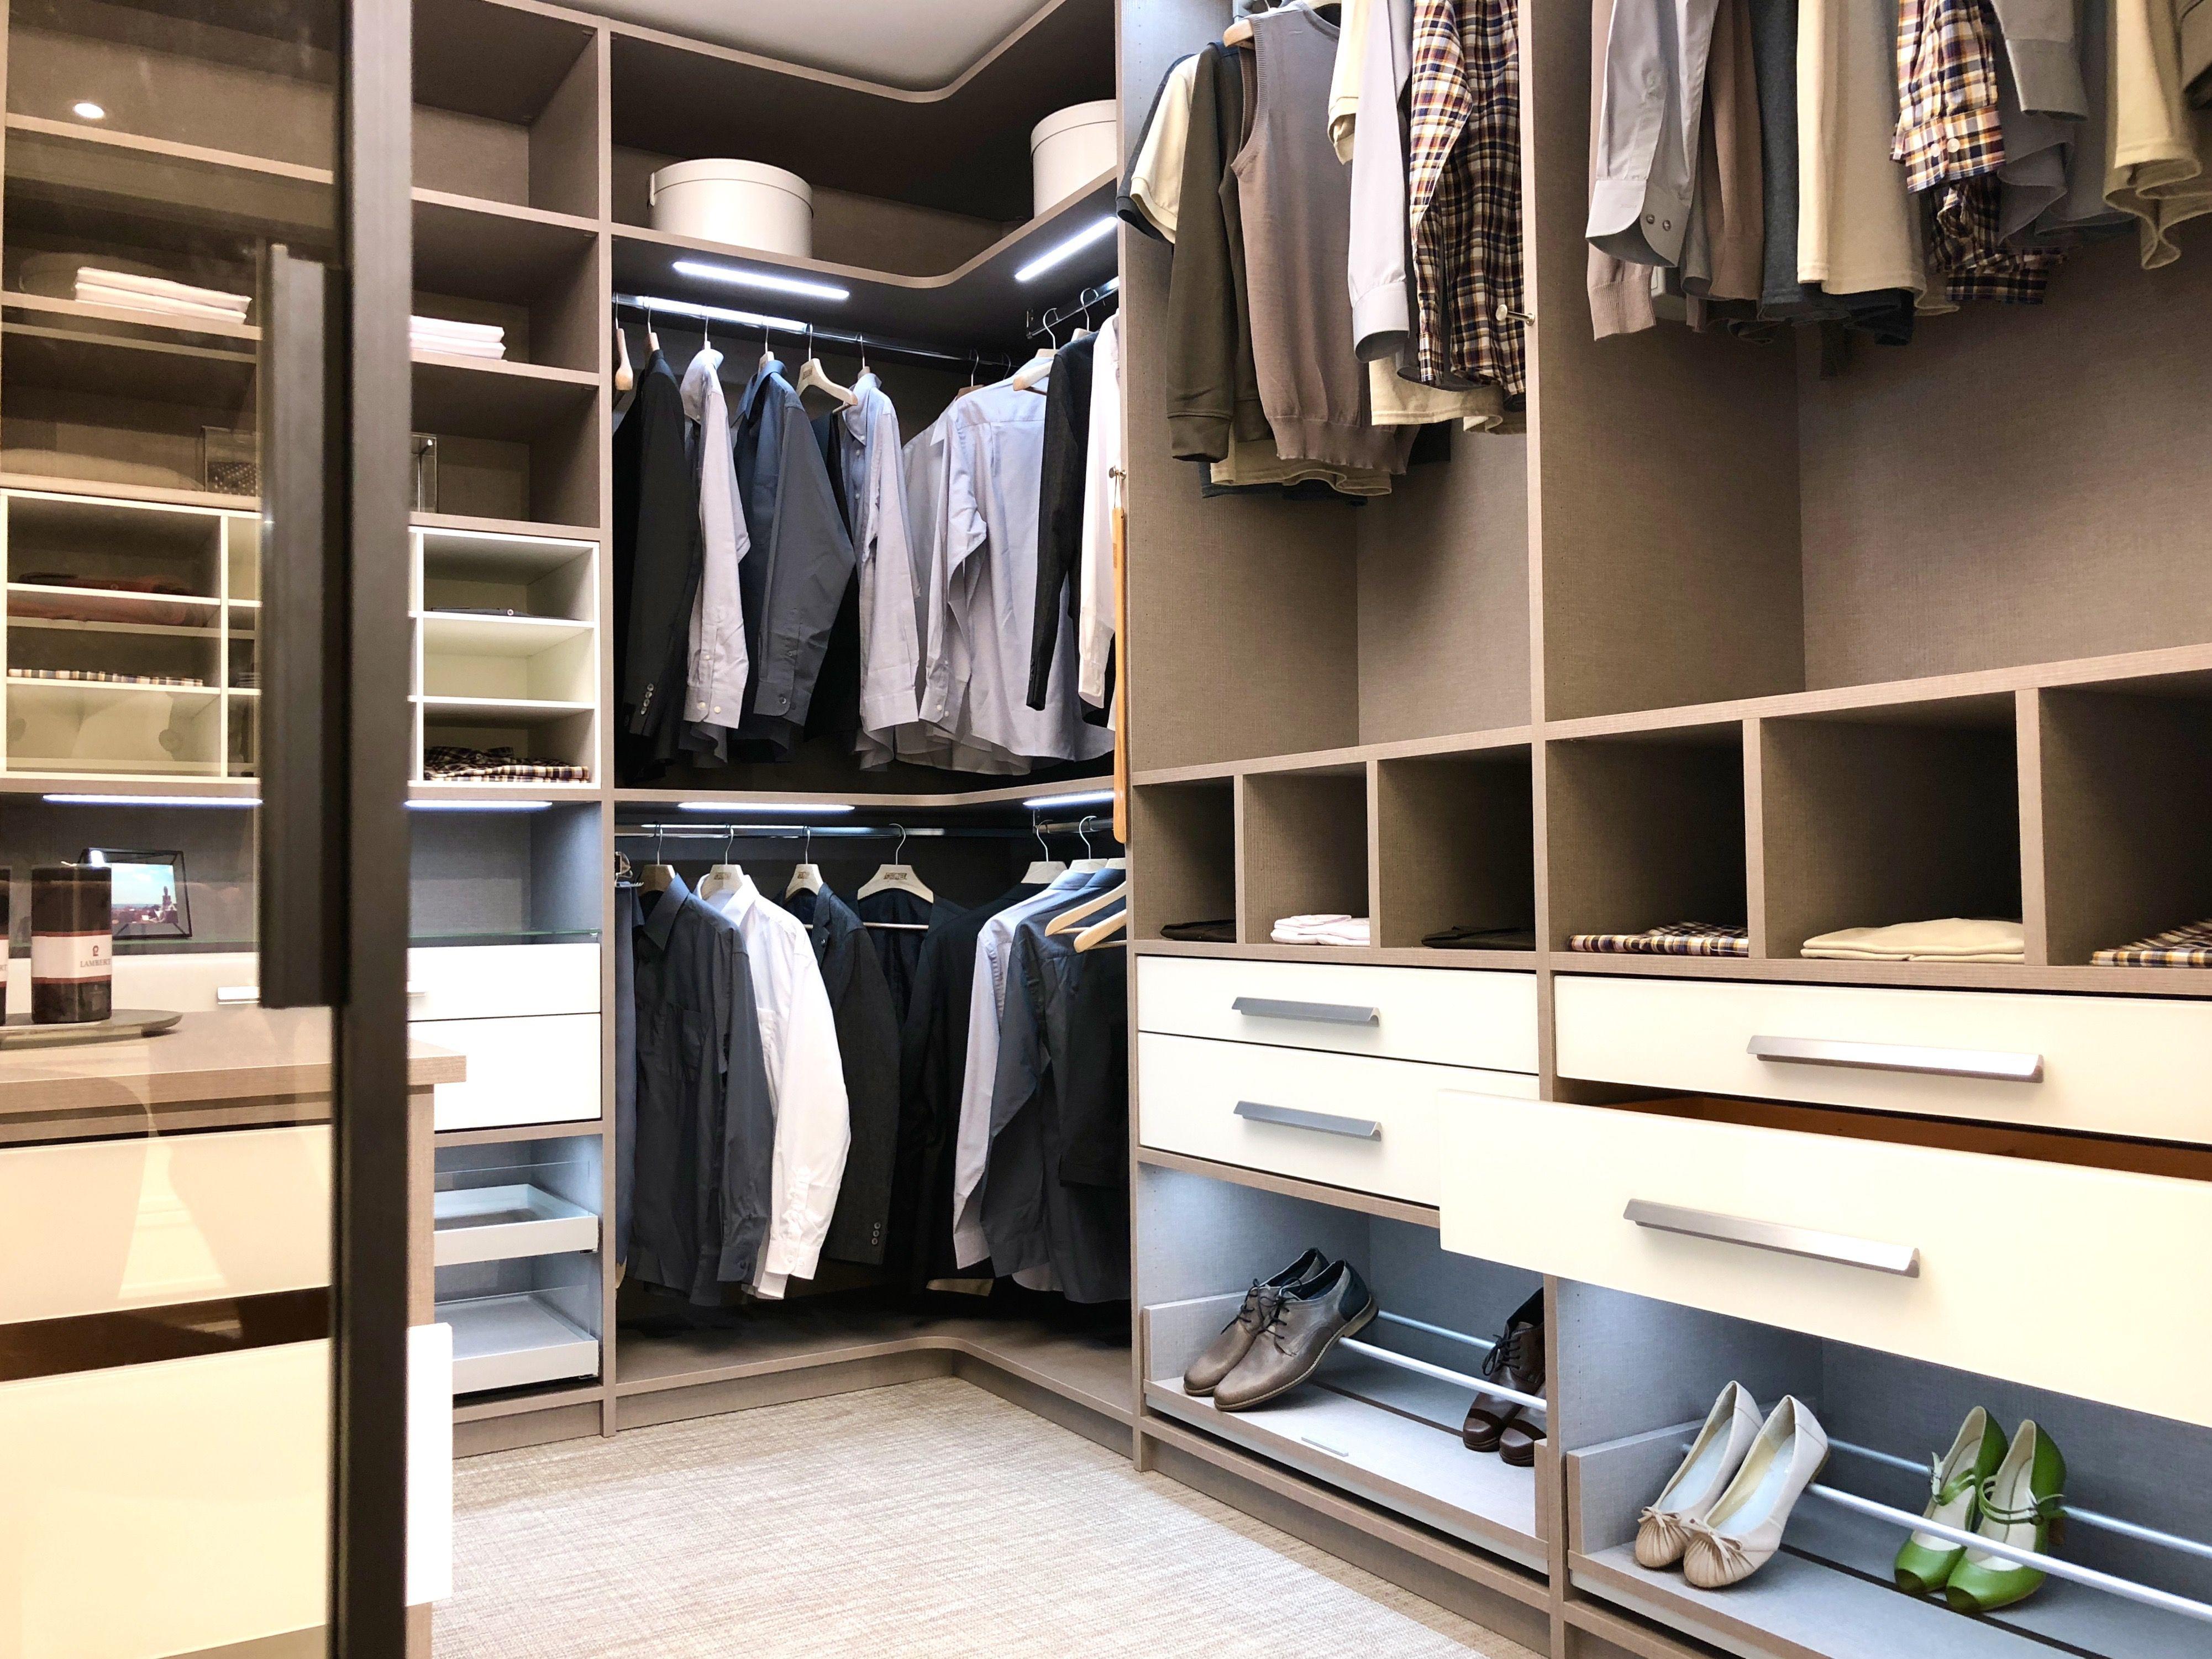 Platz Fur Traume Mit 10 Preisvorteil Auf Ihren Begehbarer Kleiderschrank Begehbarer Kleiderschrank Cabinet Einbauschrank